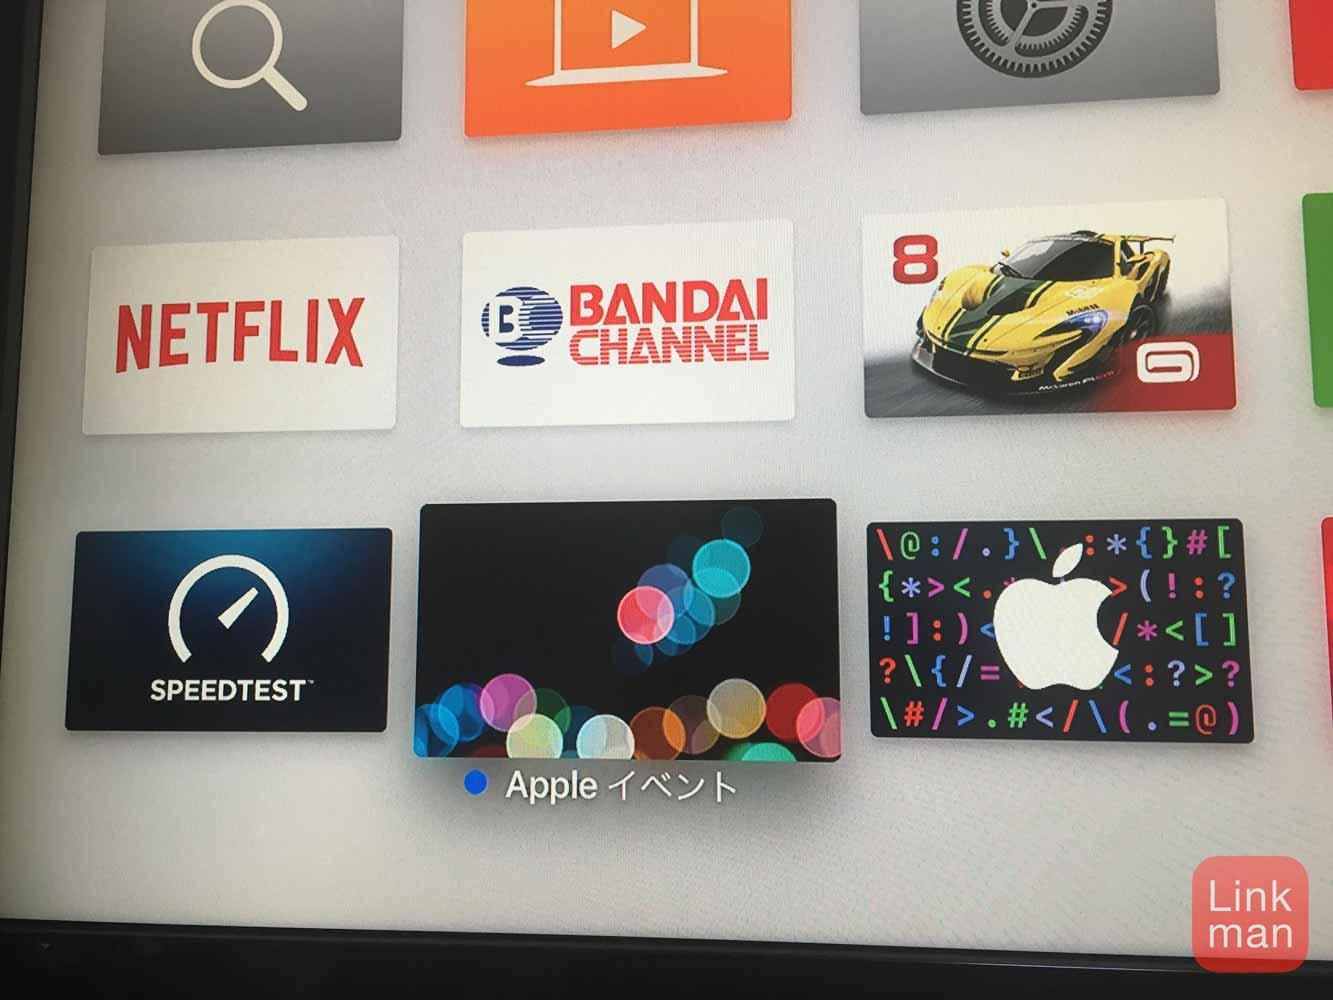 「Apple TV(第4世代)」向け「Appleイベント」アプリがアップデート 〜「iPhone 7」発表イベント仕様に